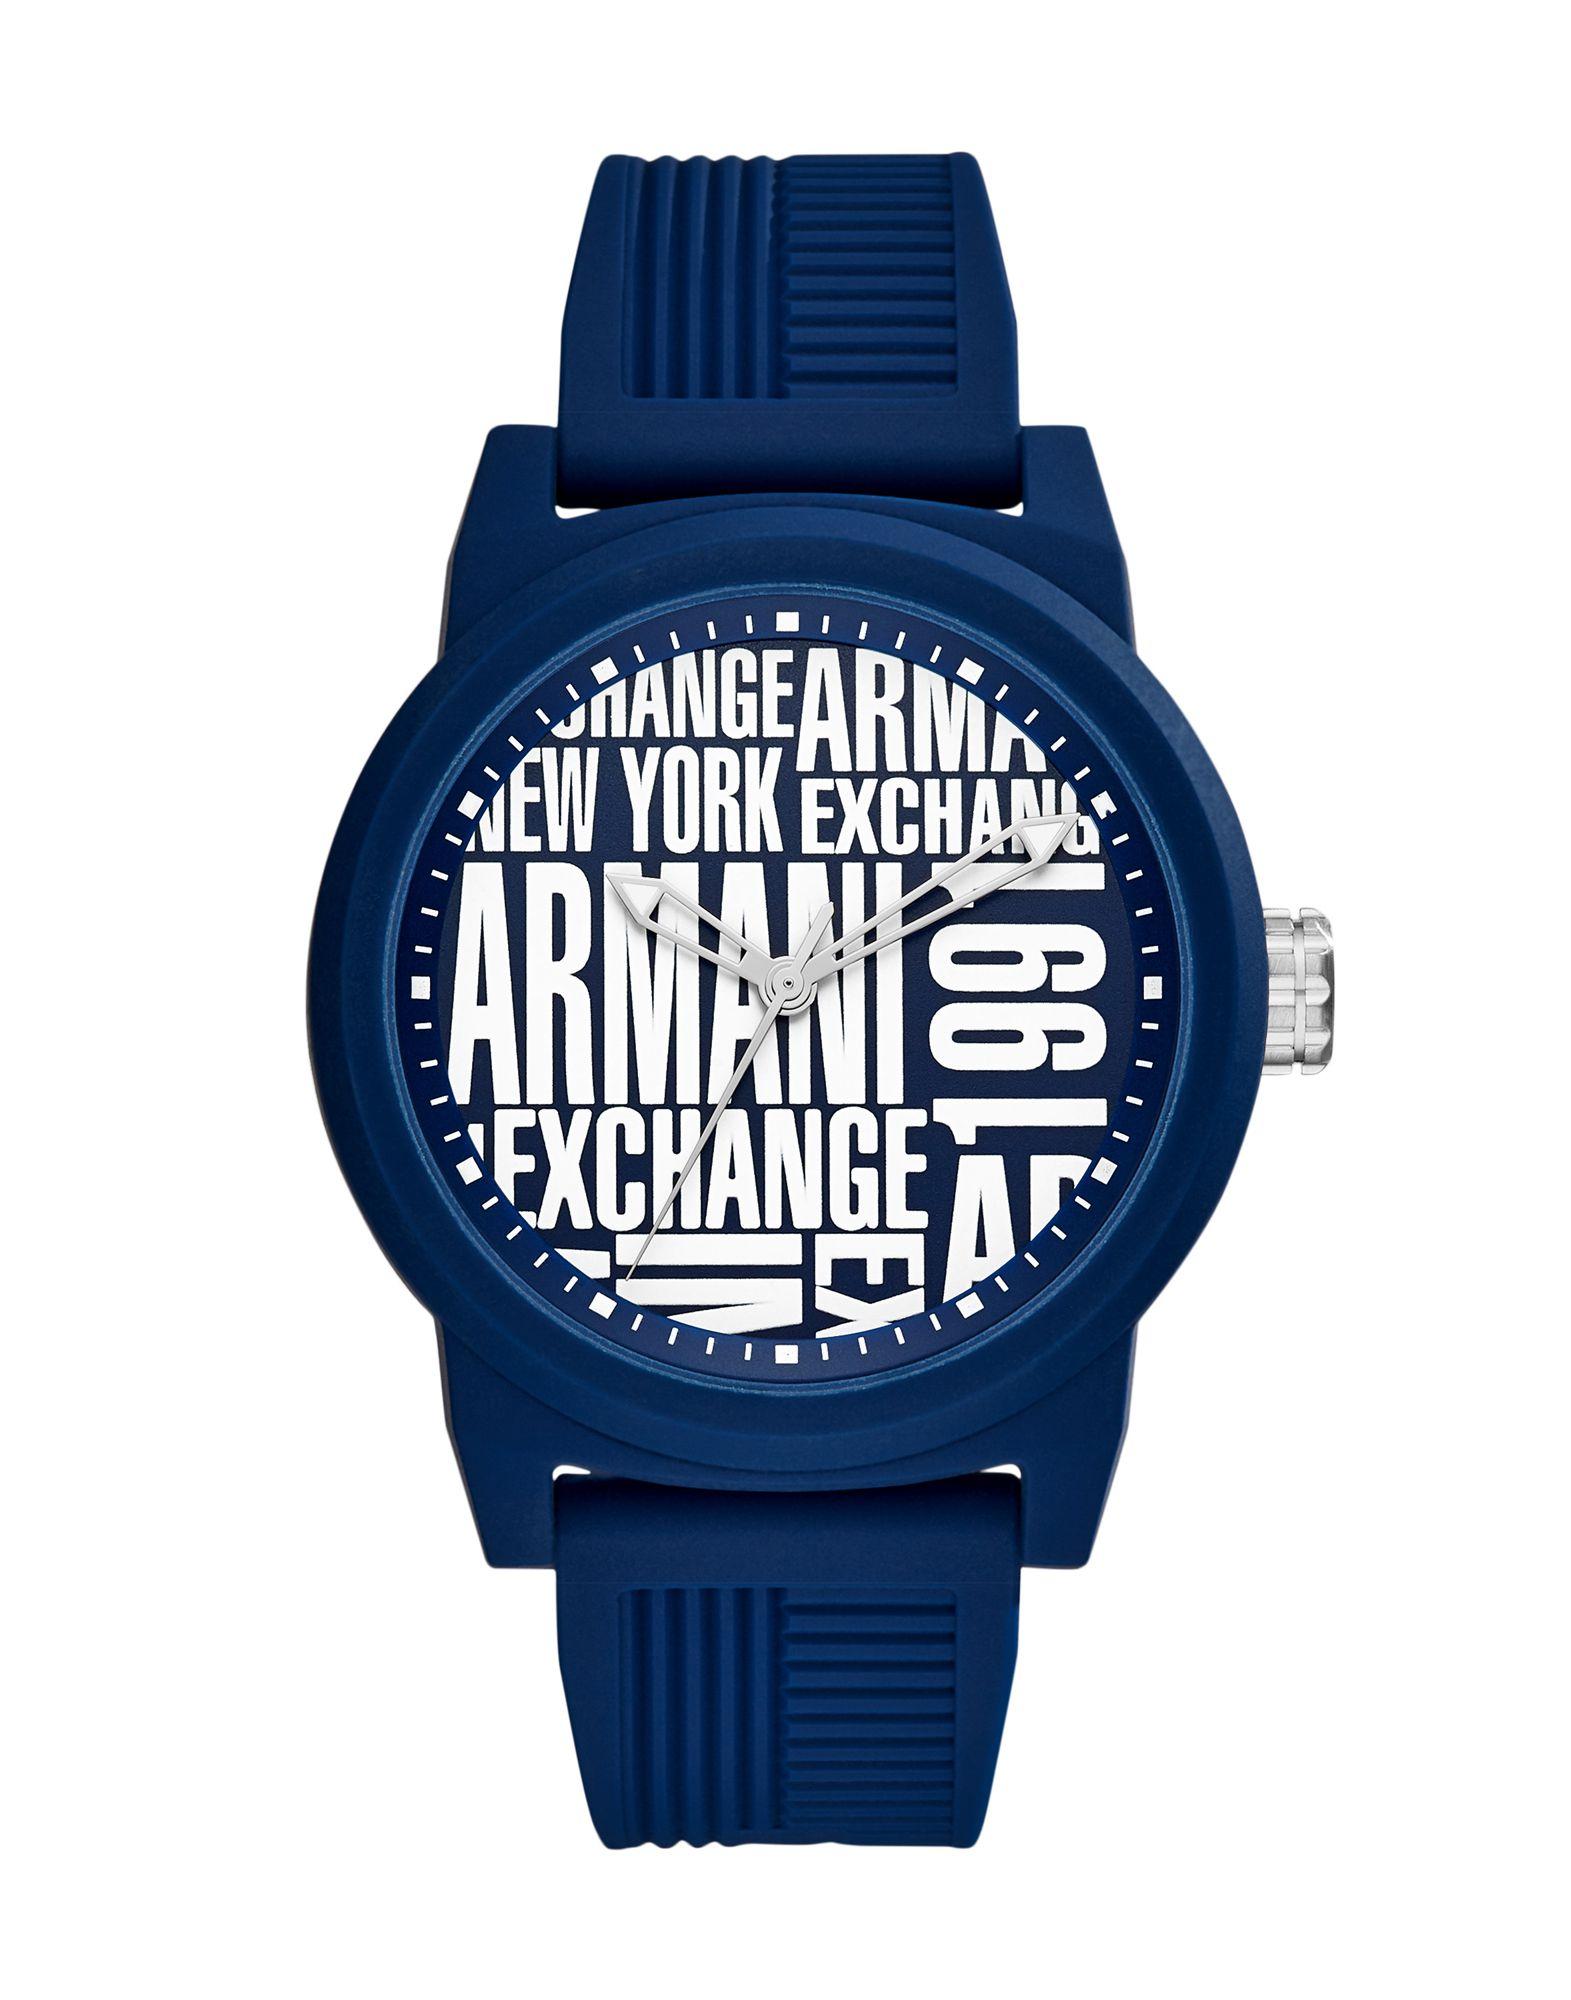 ARMANI EXCHANGE メンズ 腕時計 ダークブルー シリコン